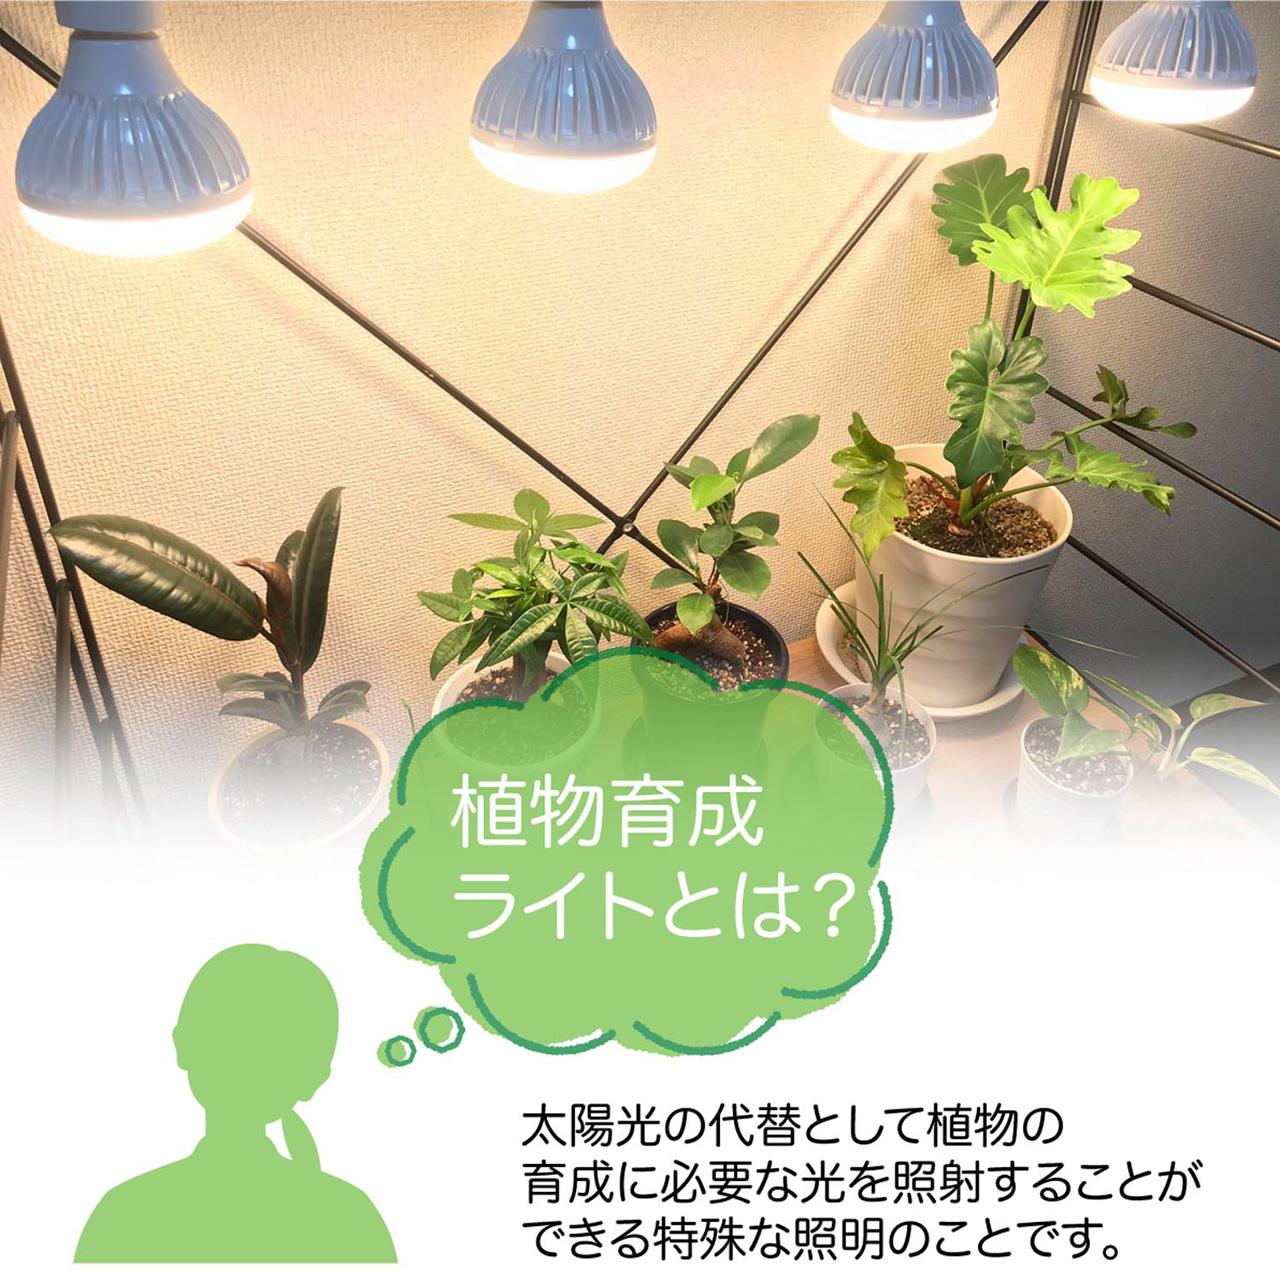 太陽光の代替として植物の育成に必要な光を照射することができる特殊な照明のことです。